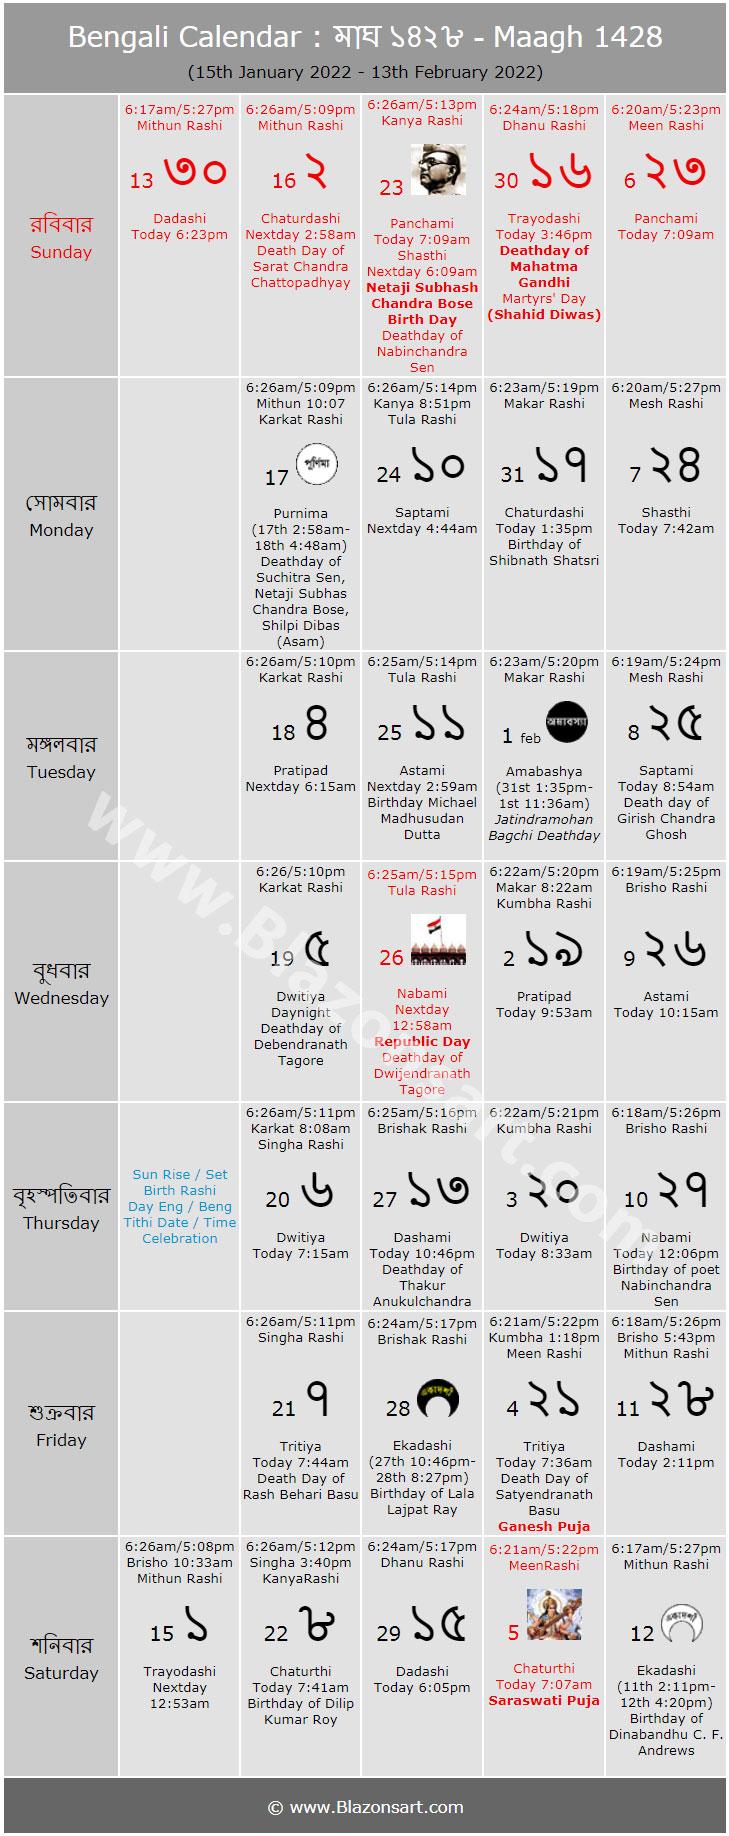 Bengali Calendar - Maagh 1426 : বাংলা কালেন্ডার